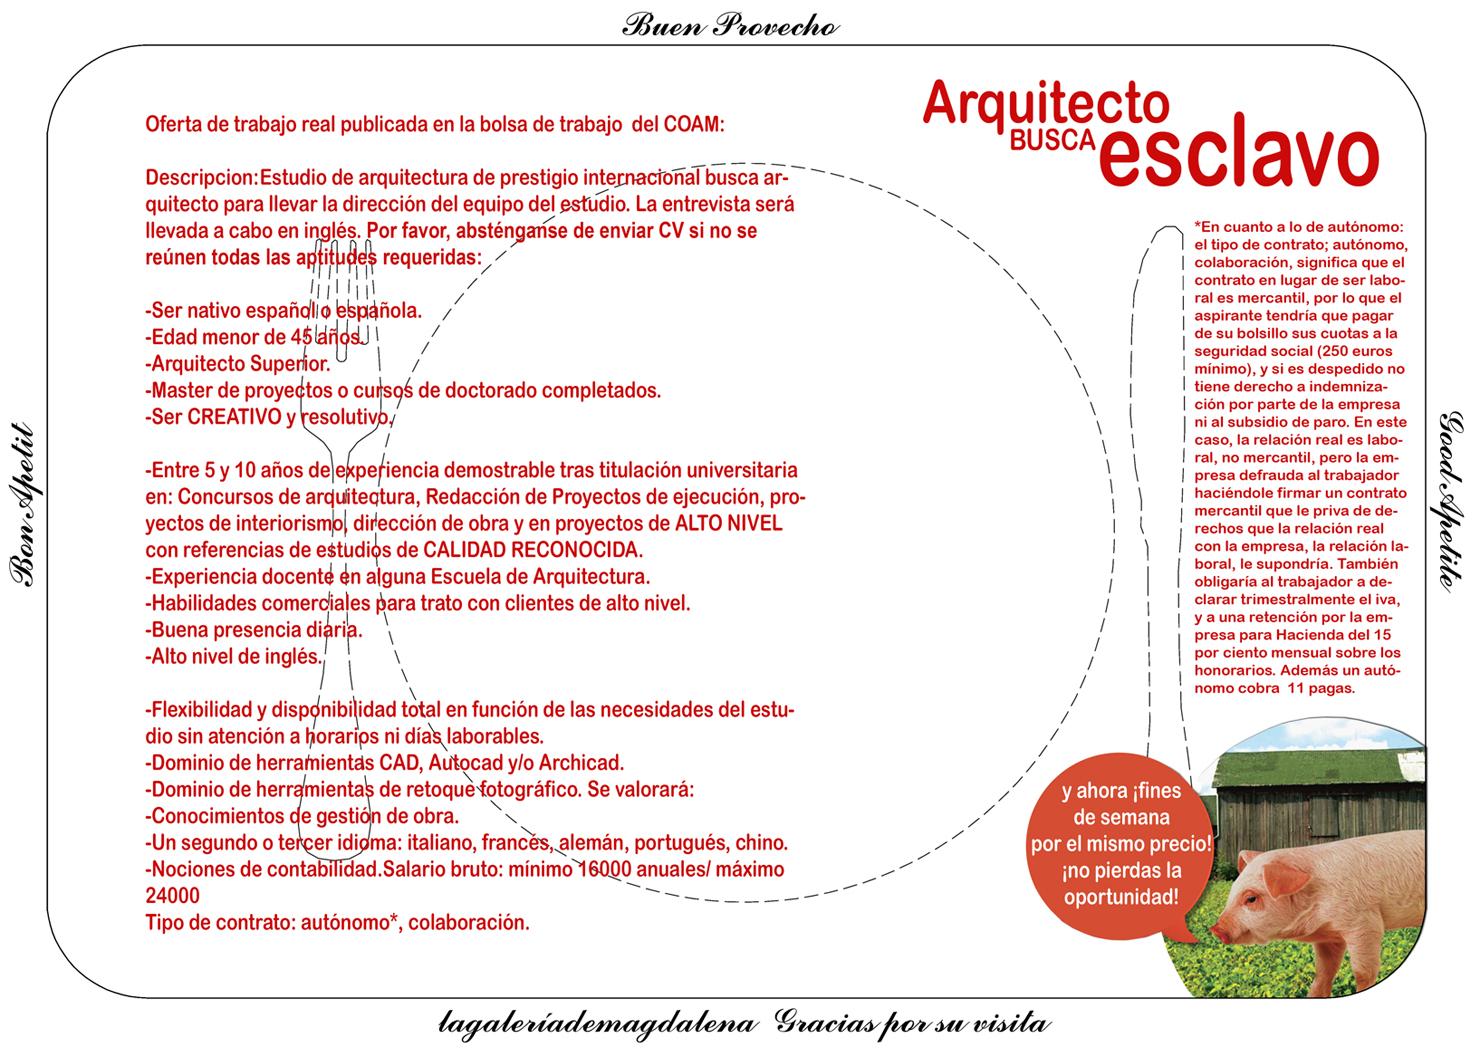 Granada ii arquitecto busca esclavo lagaleriademagdalena - Arquitectos en granada ...